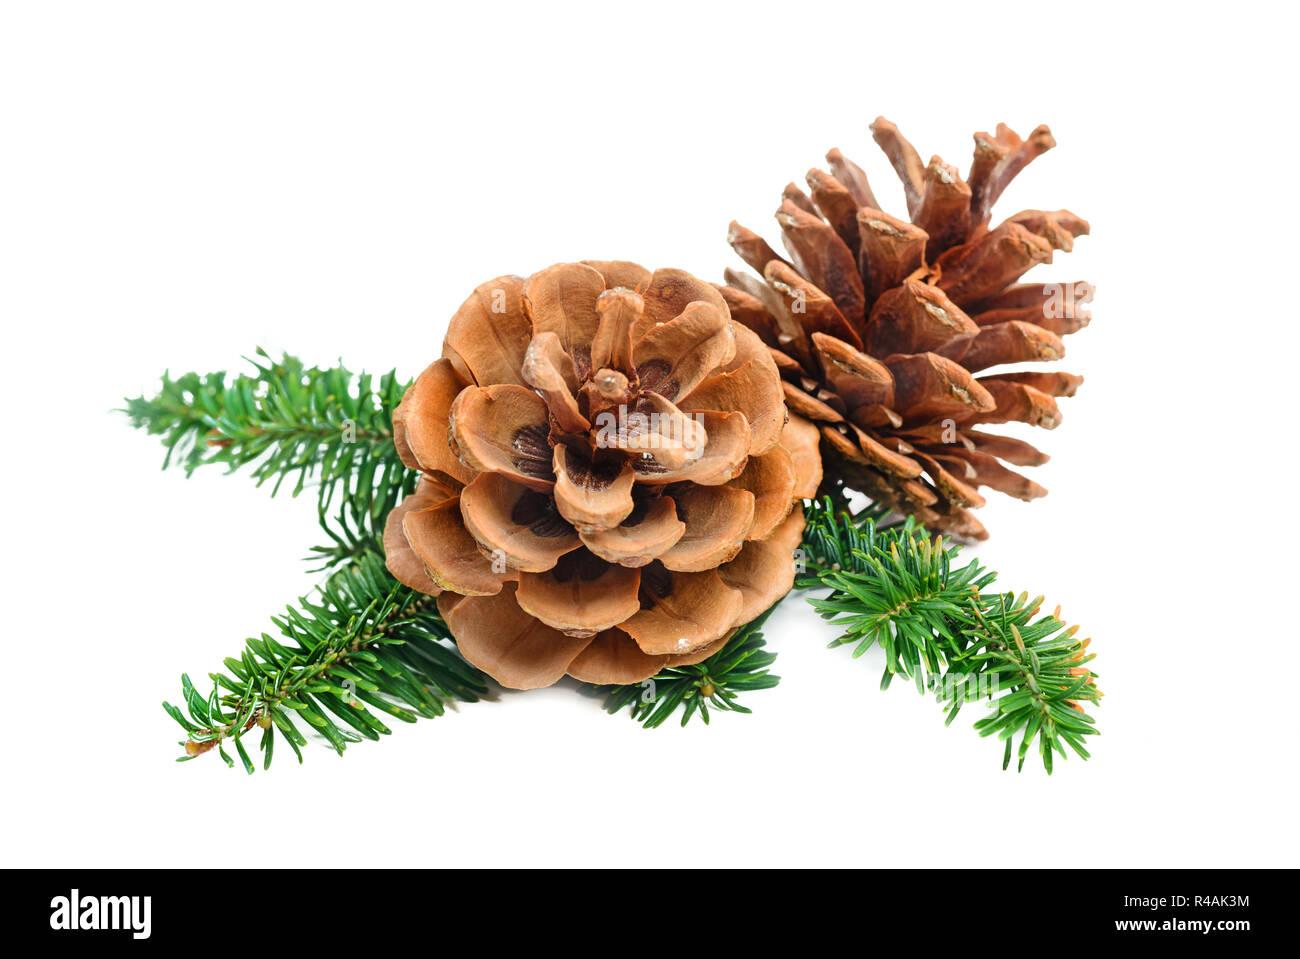 Direction générale de l'arbre de pin cône avec élément de décoration de Noël Photo Stock